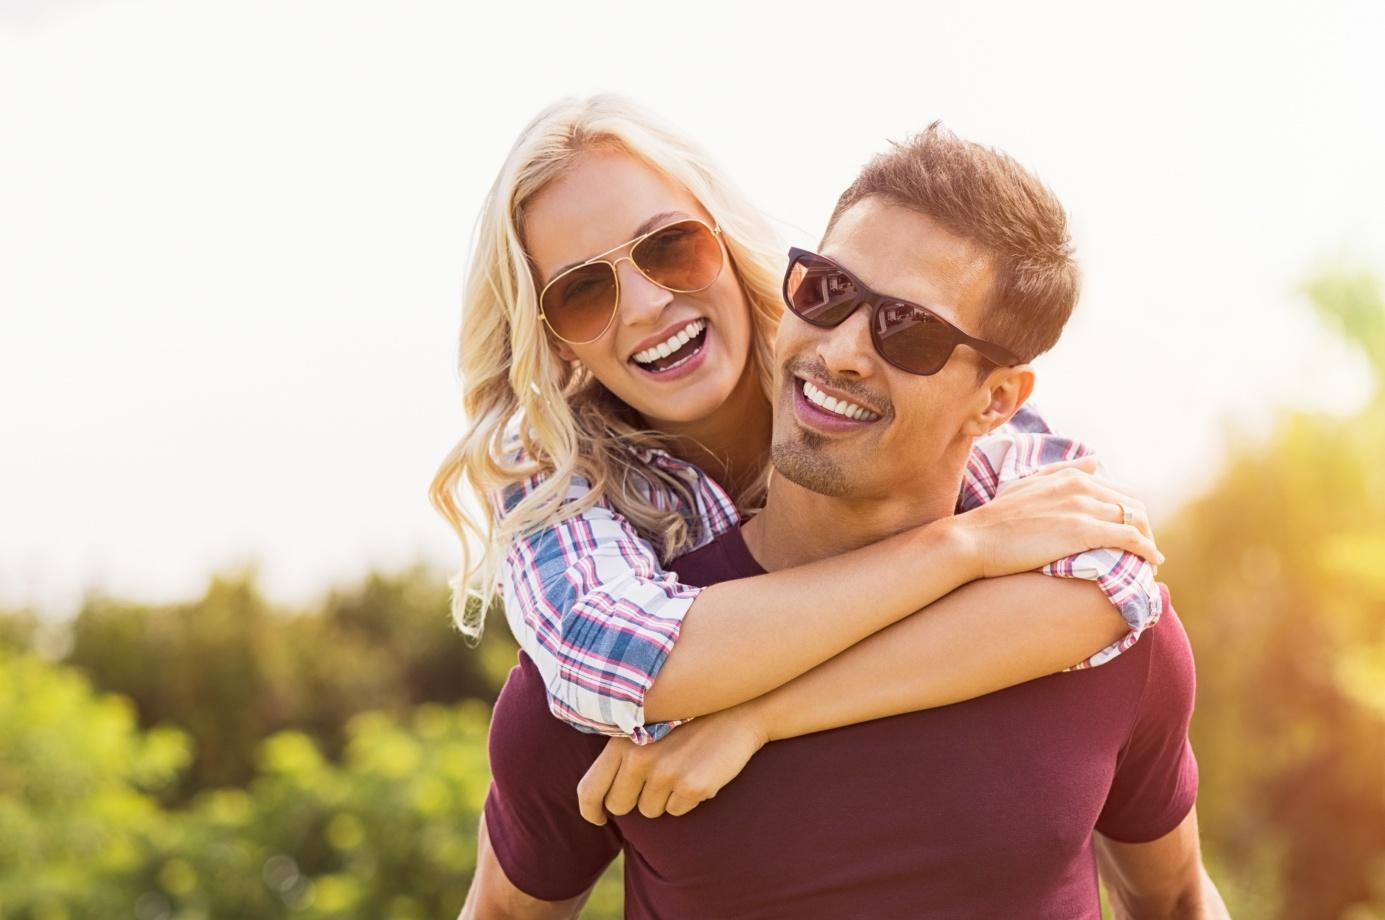 Jakie okulary przeciwsłoneczne wybrać? 3 rzeczy, na które musisz zwrócić uwagę